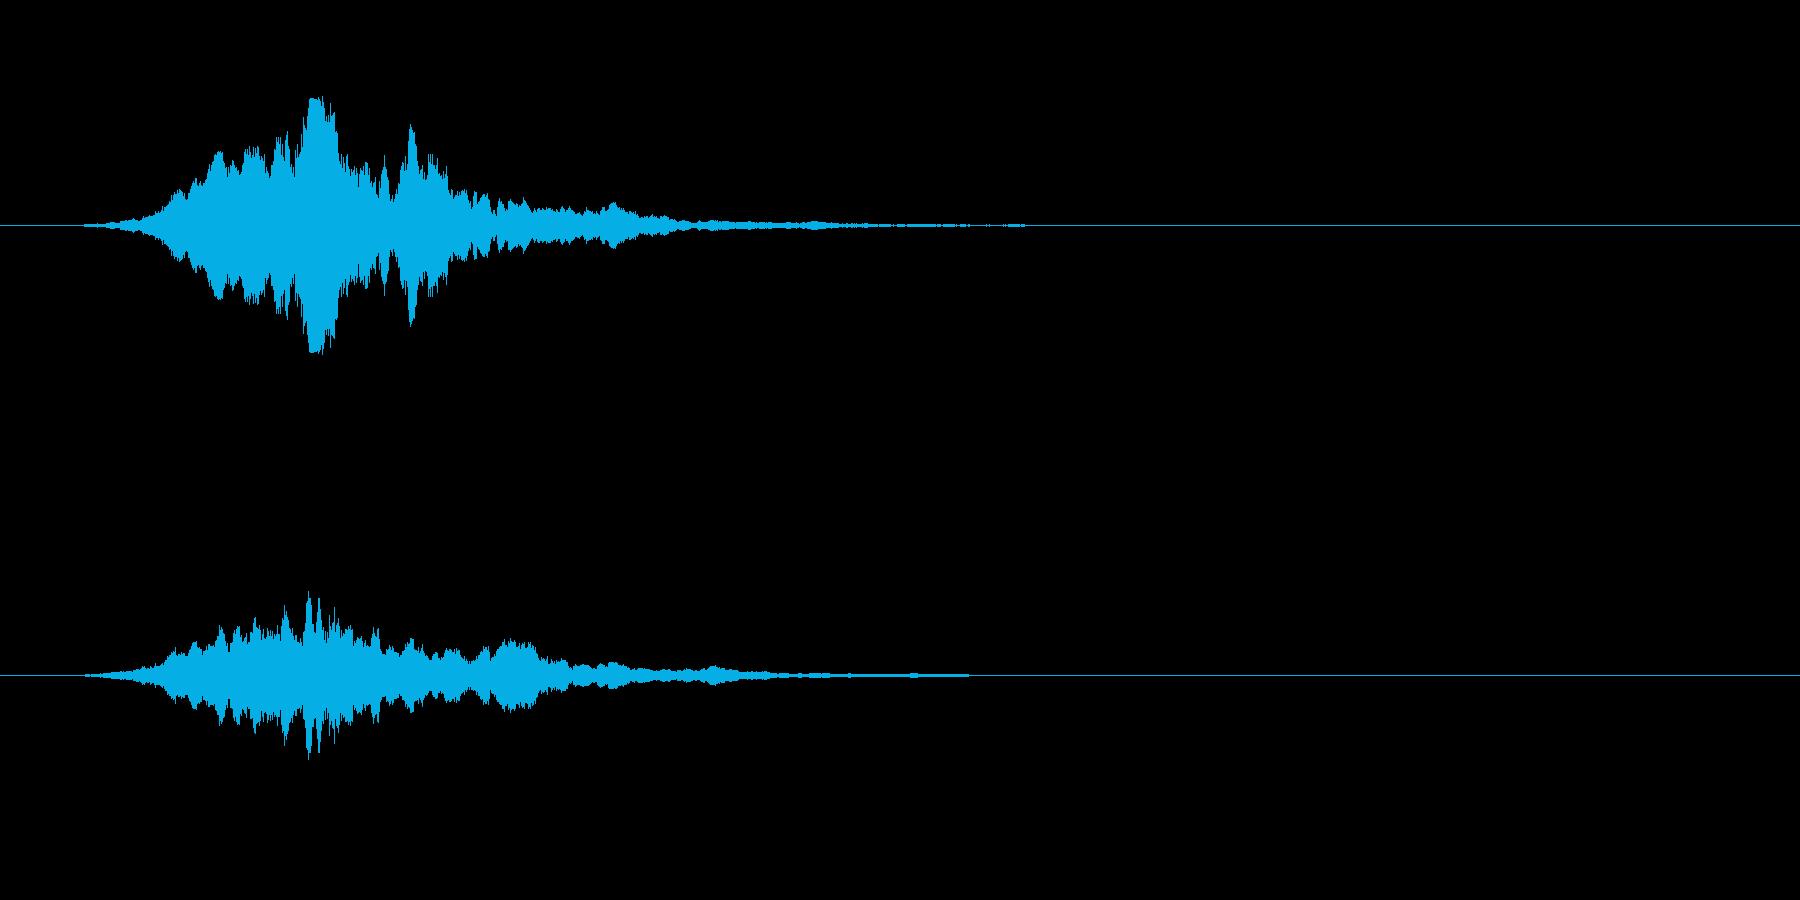 幽霊などの出現音の再生済みの波形